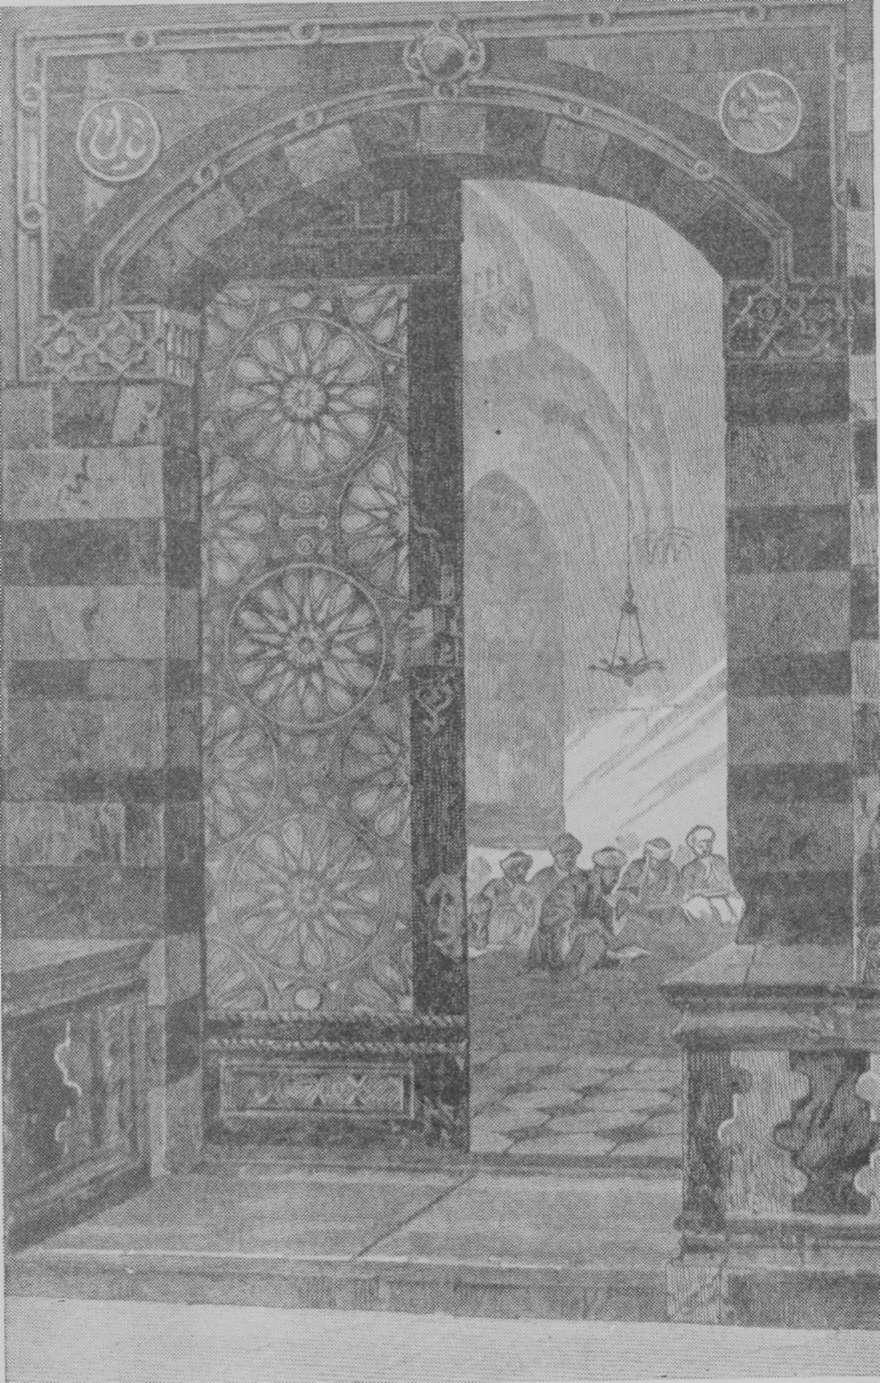 Fig. 244 — Entrada de uma das salas da Universidade de El Azhar, no Cairo (Ebers).